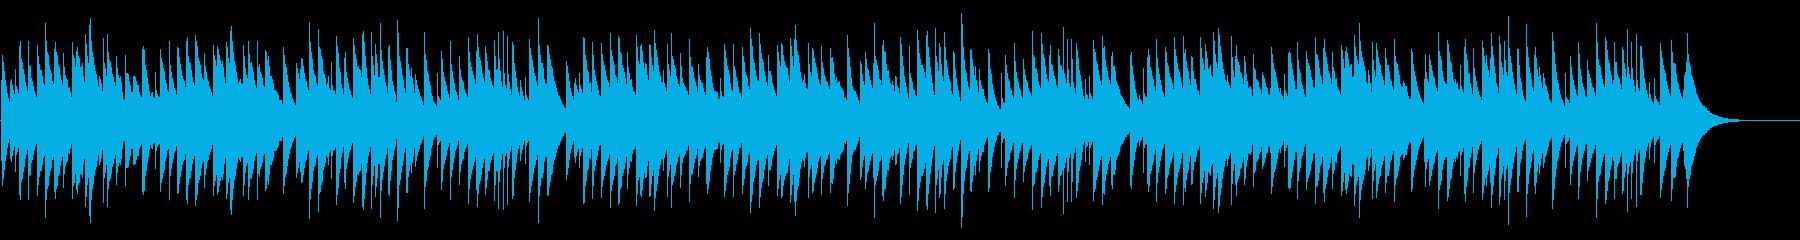 ひいらぎかざろう カード式オルゴールの再生済みの波形